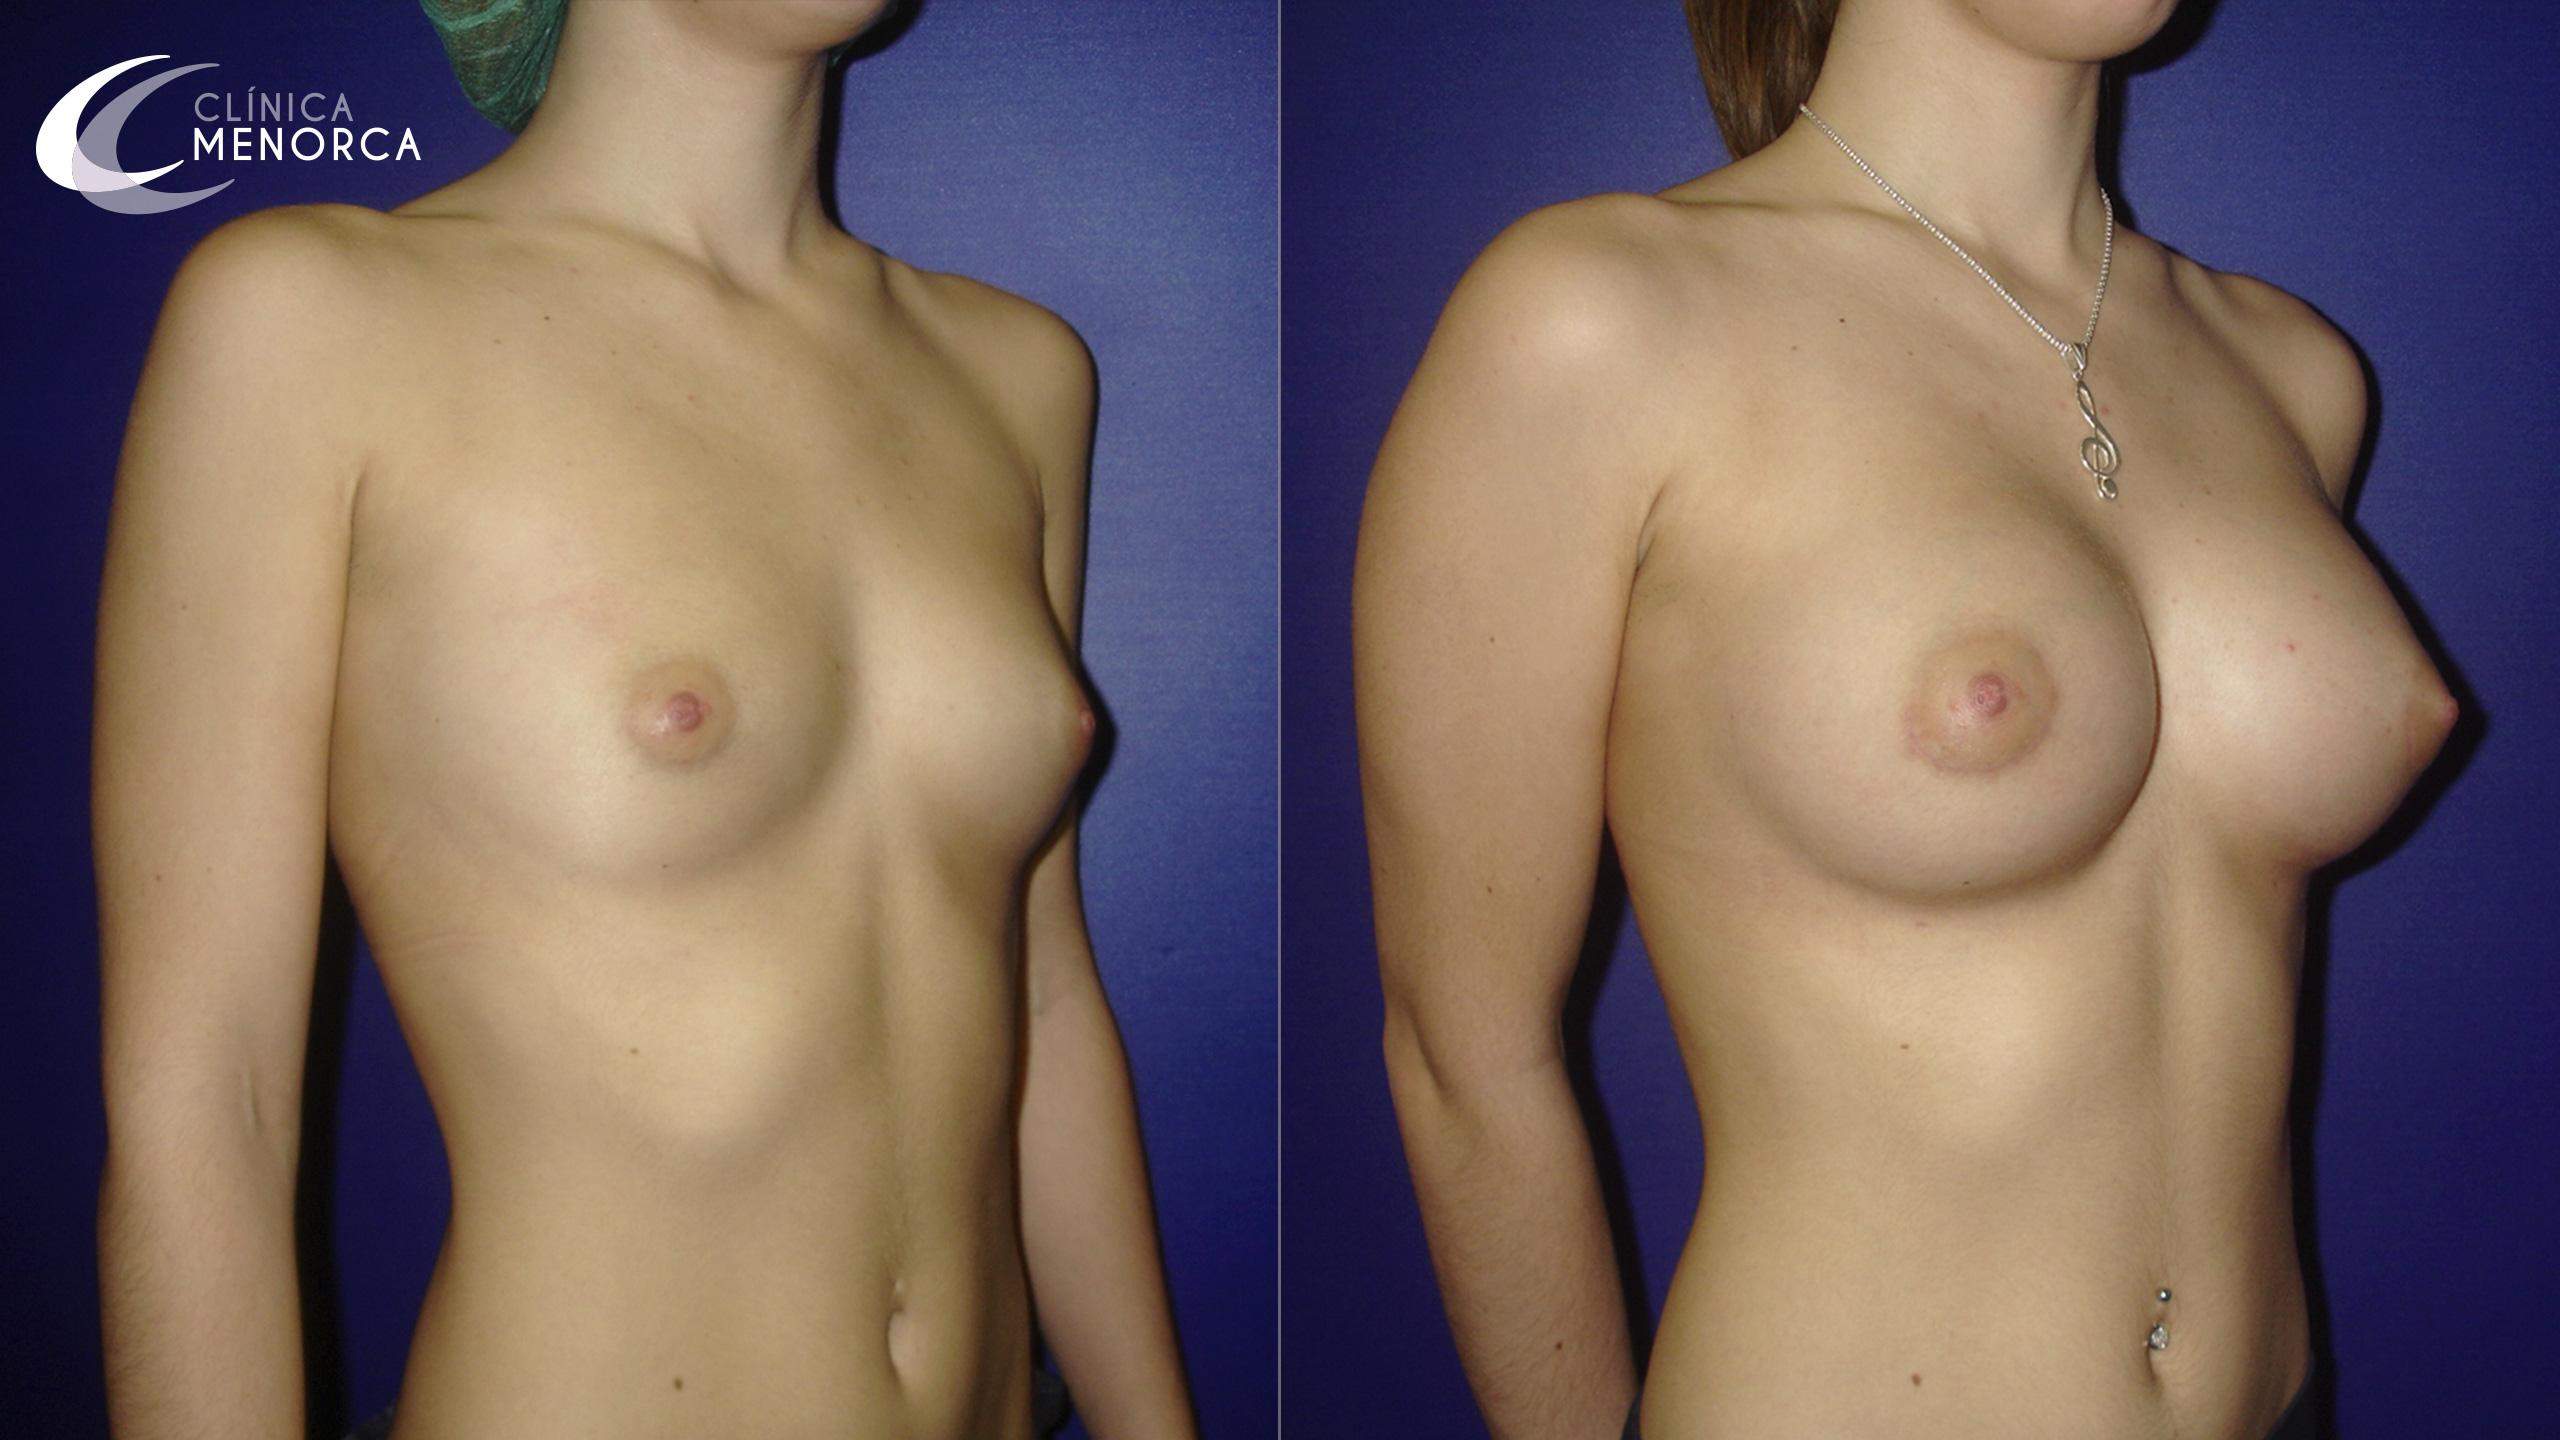 Foto de antes y después de un aumento de pecho